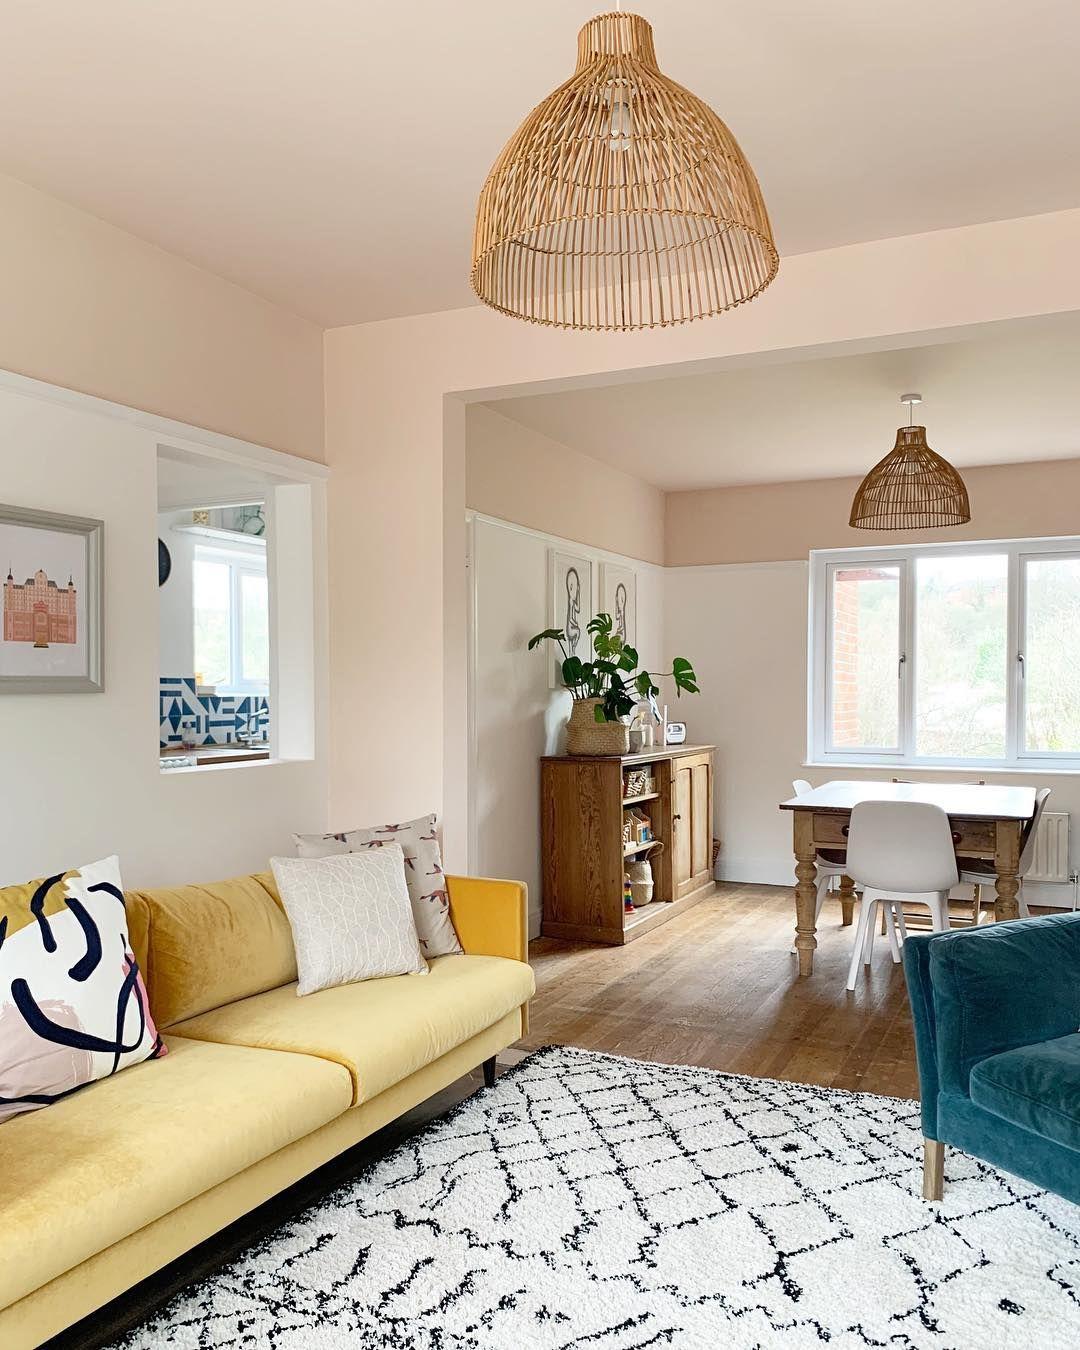 Ceiling Design 2020 Trends Interior 2020 Coastal Decorating Living Room Living Room Decor Home Decor